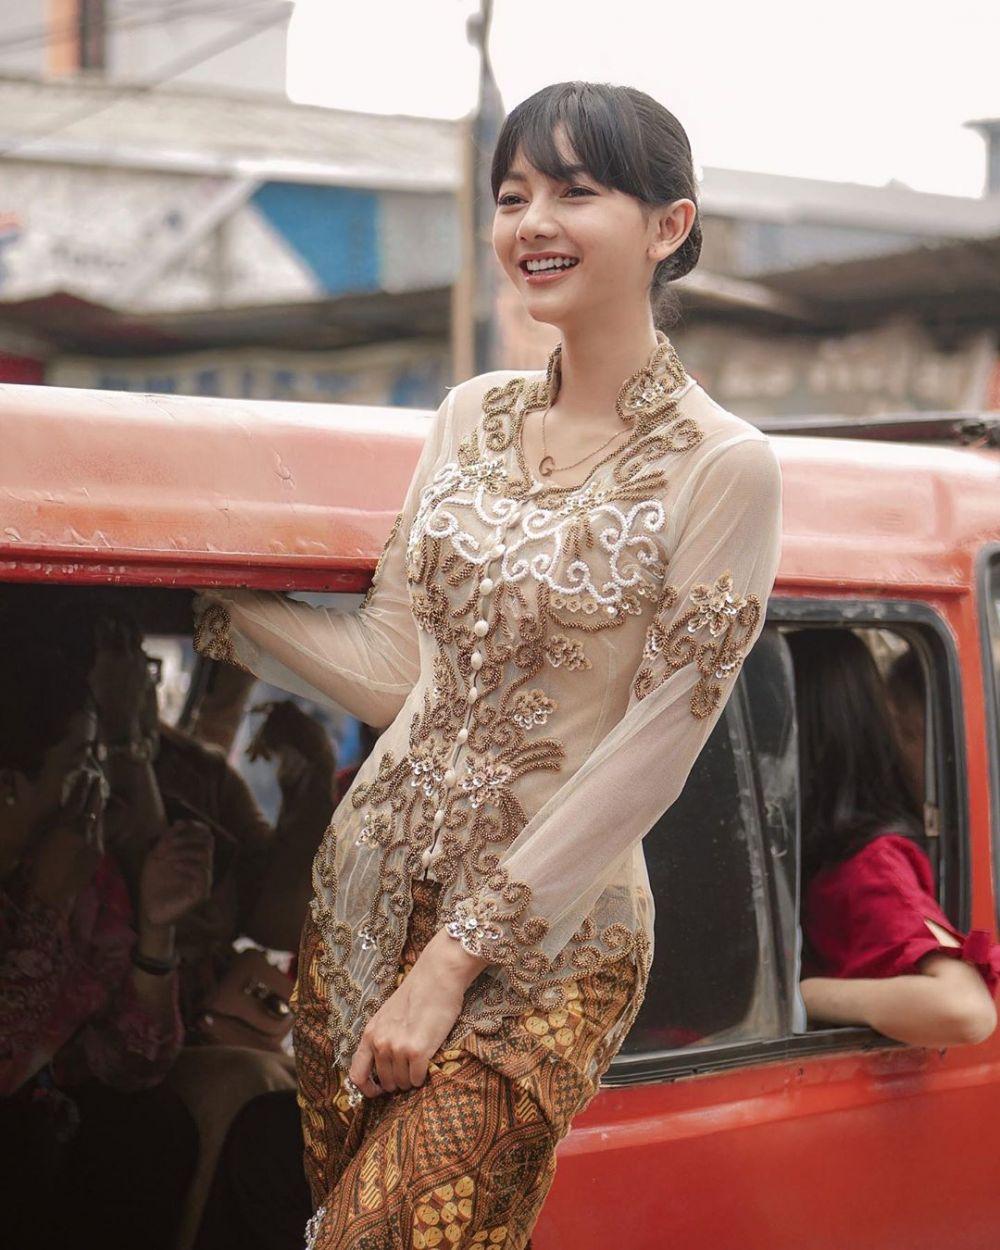 Aktris Ikatan Cinta pakai kebaya © 2021 brilio.net